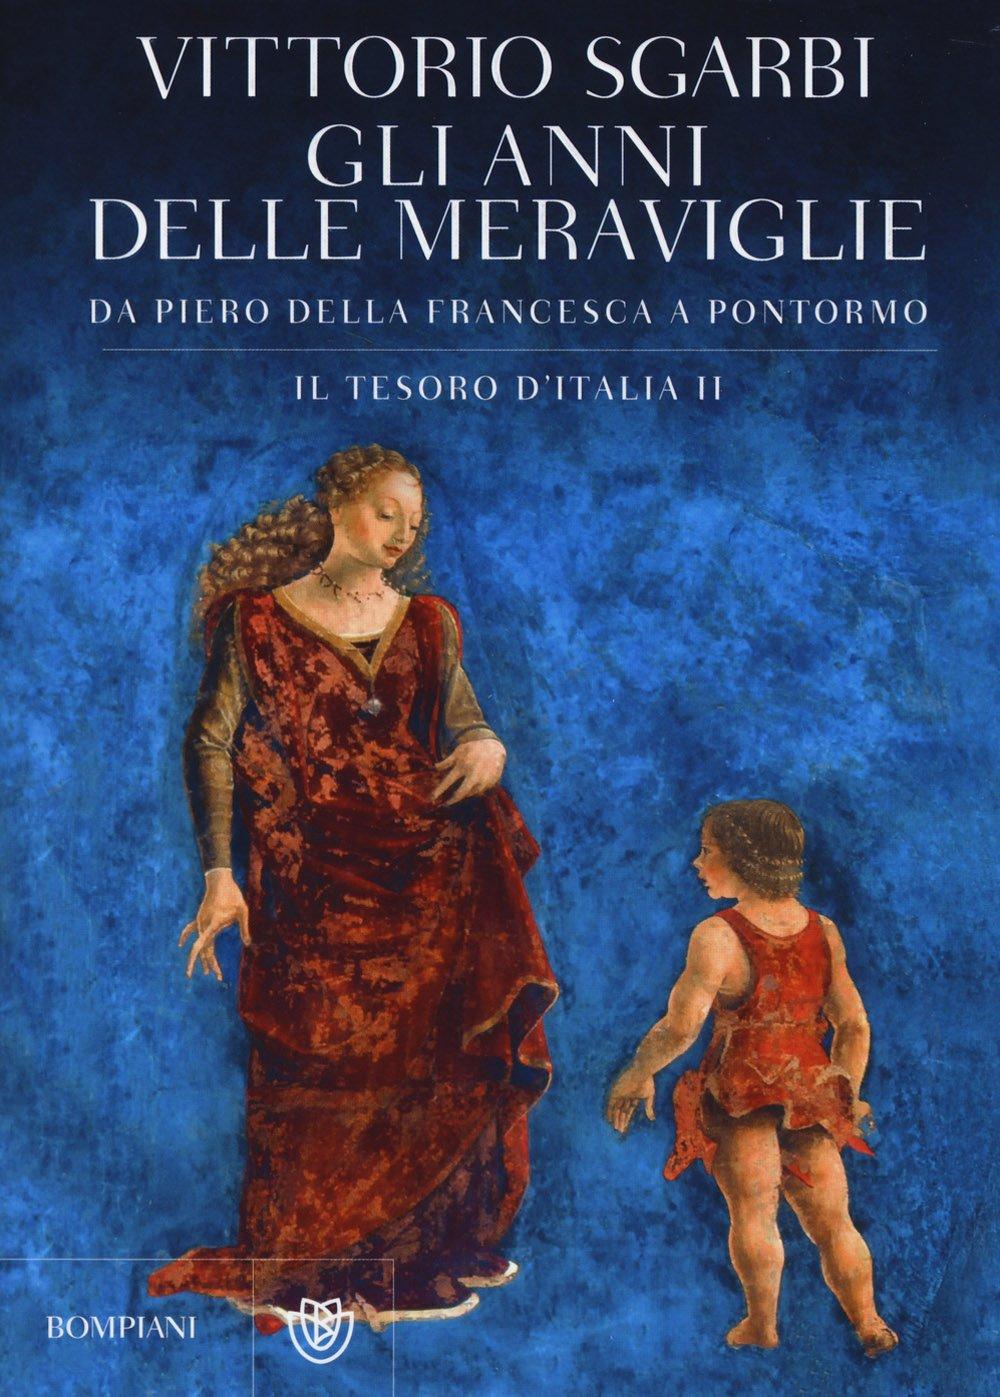 Libri di vittorio sgarbi - gli anni delle meraviglie. da piero della francesca a pontormo 884527747X